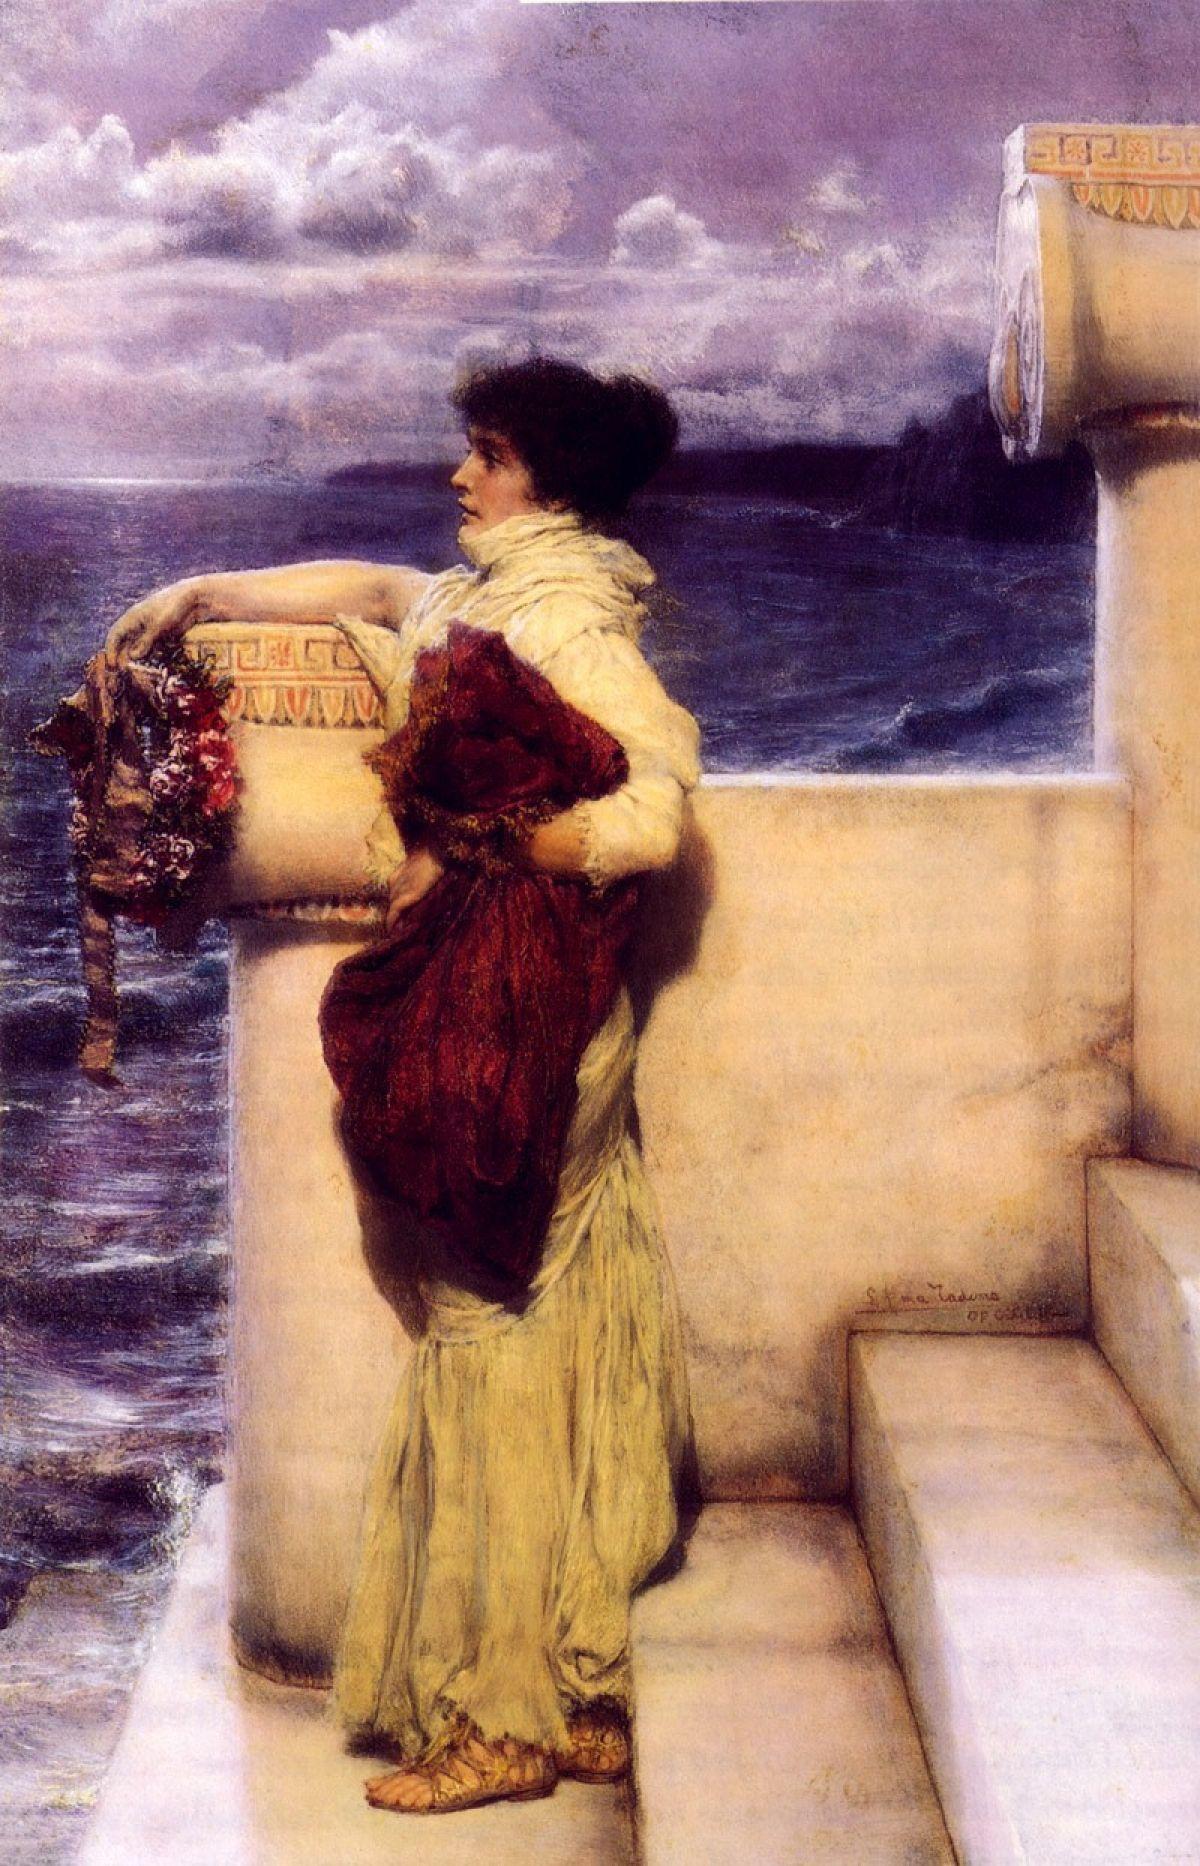 Герой, Альма-Тадема сэр Лоуренс - Море в живописи ( морские пейзажи, seascapes ) фото